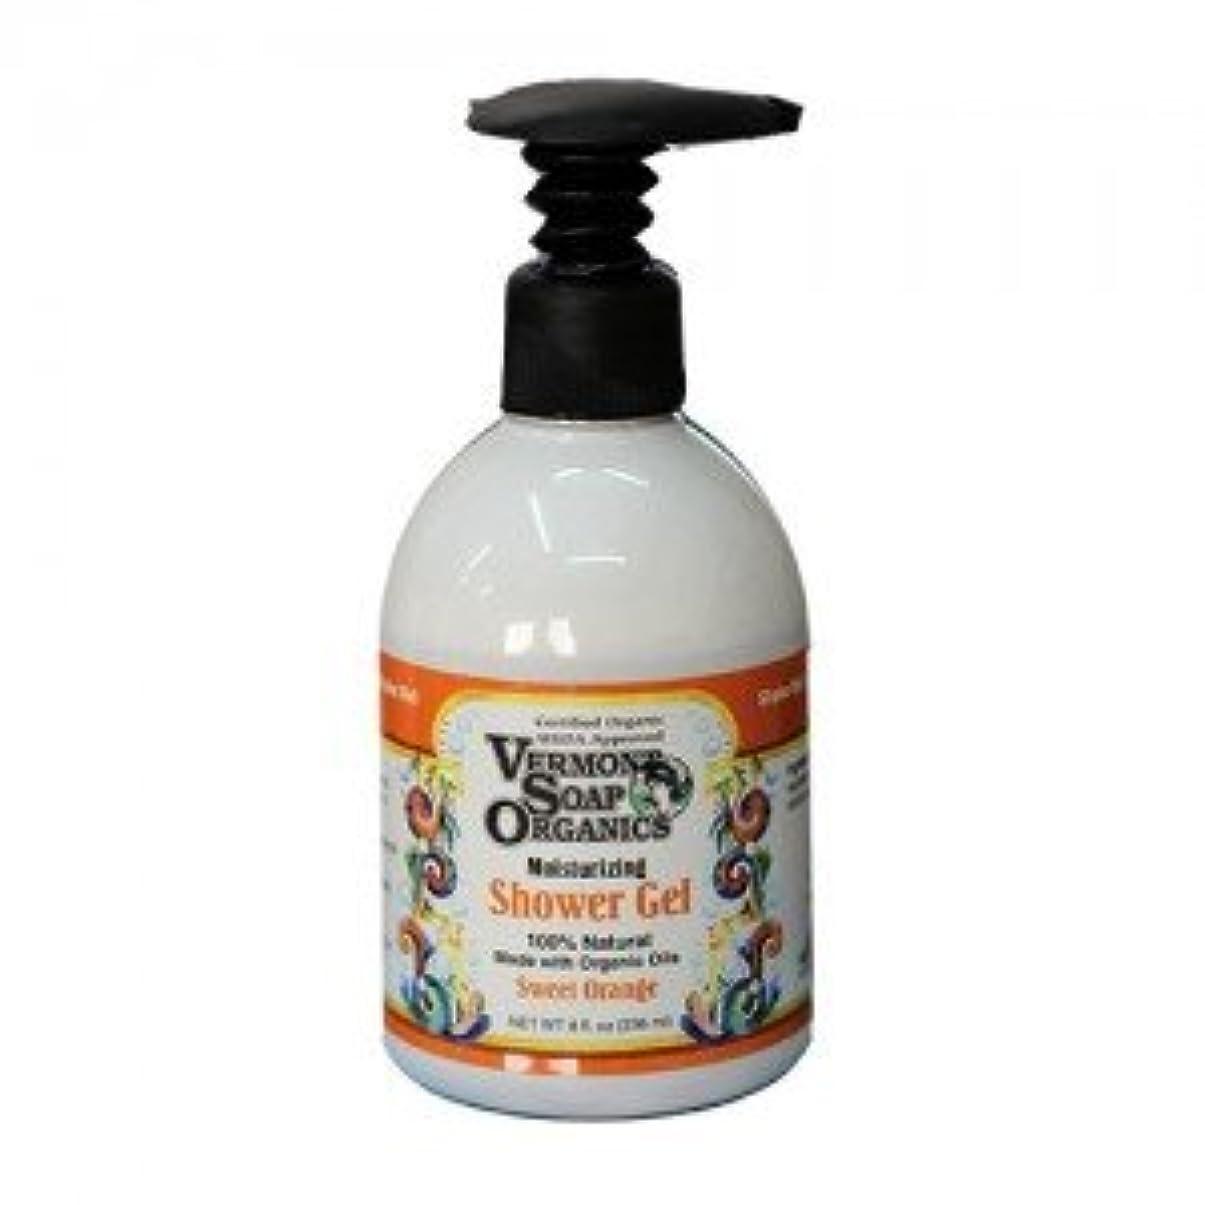 温室はぁ一口100%天然成分のオーガニック石鹸 バーモントソープ バス&シャワージェル 236mlボトル (スイートオレンジ)